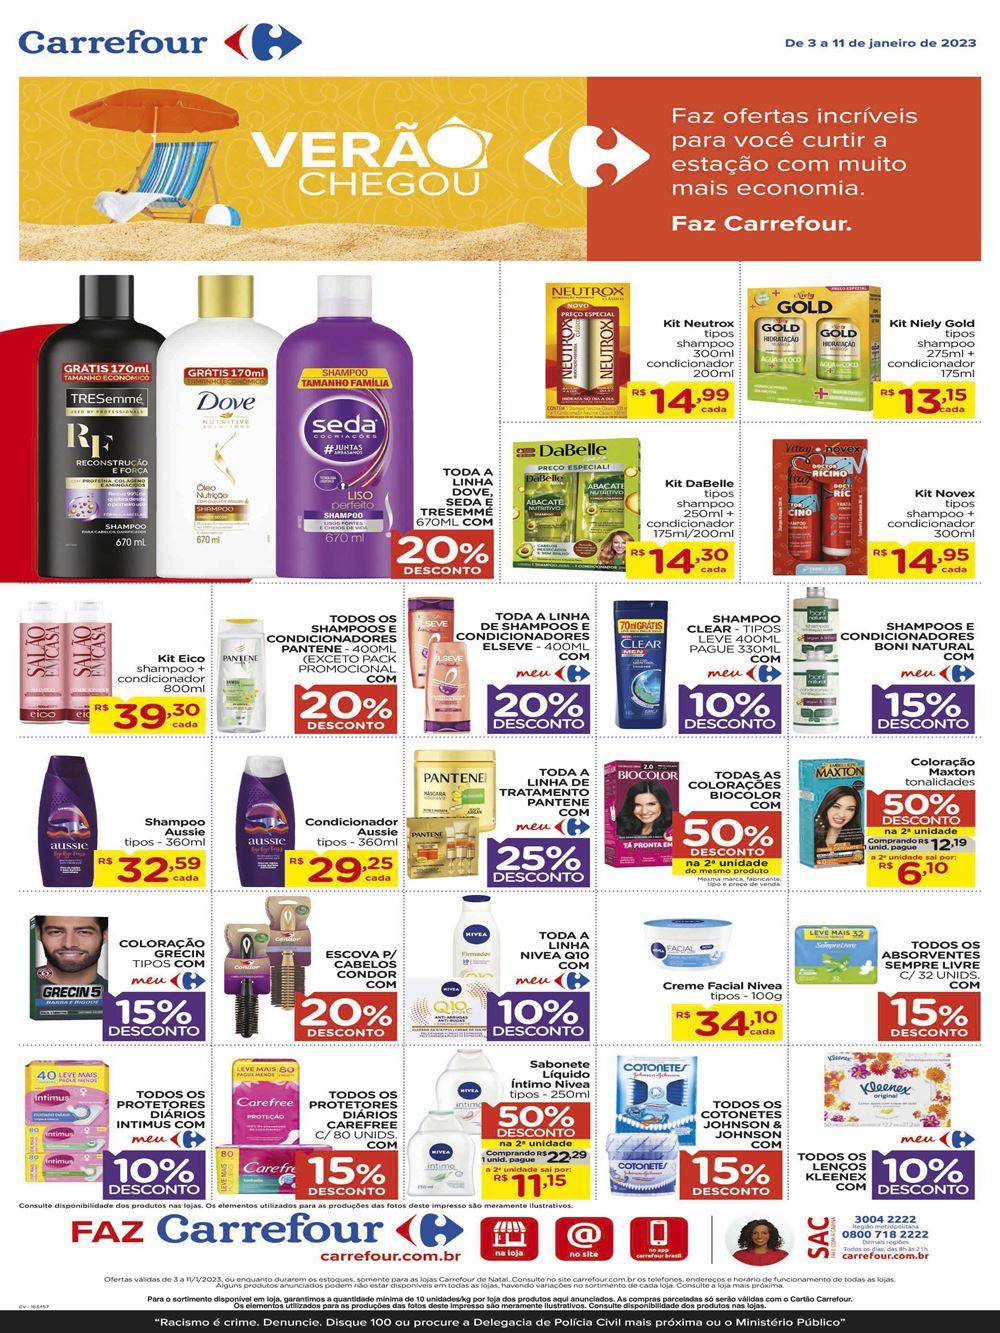 carrefour-ofertas-descontos-hoje96-13 Carrefour Tabloide Recife até 29/07